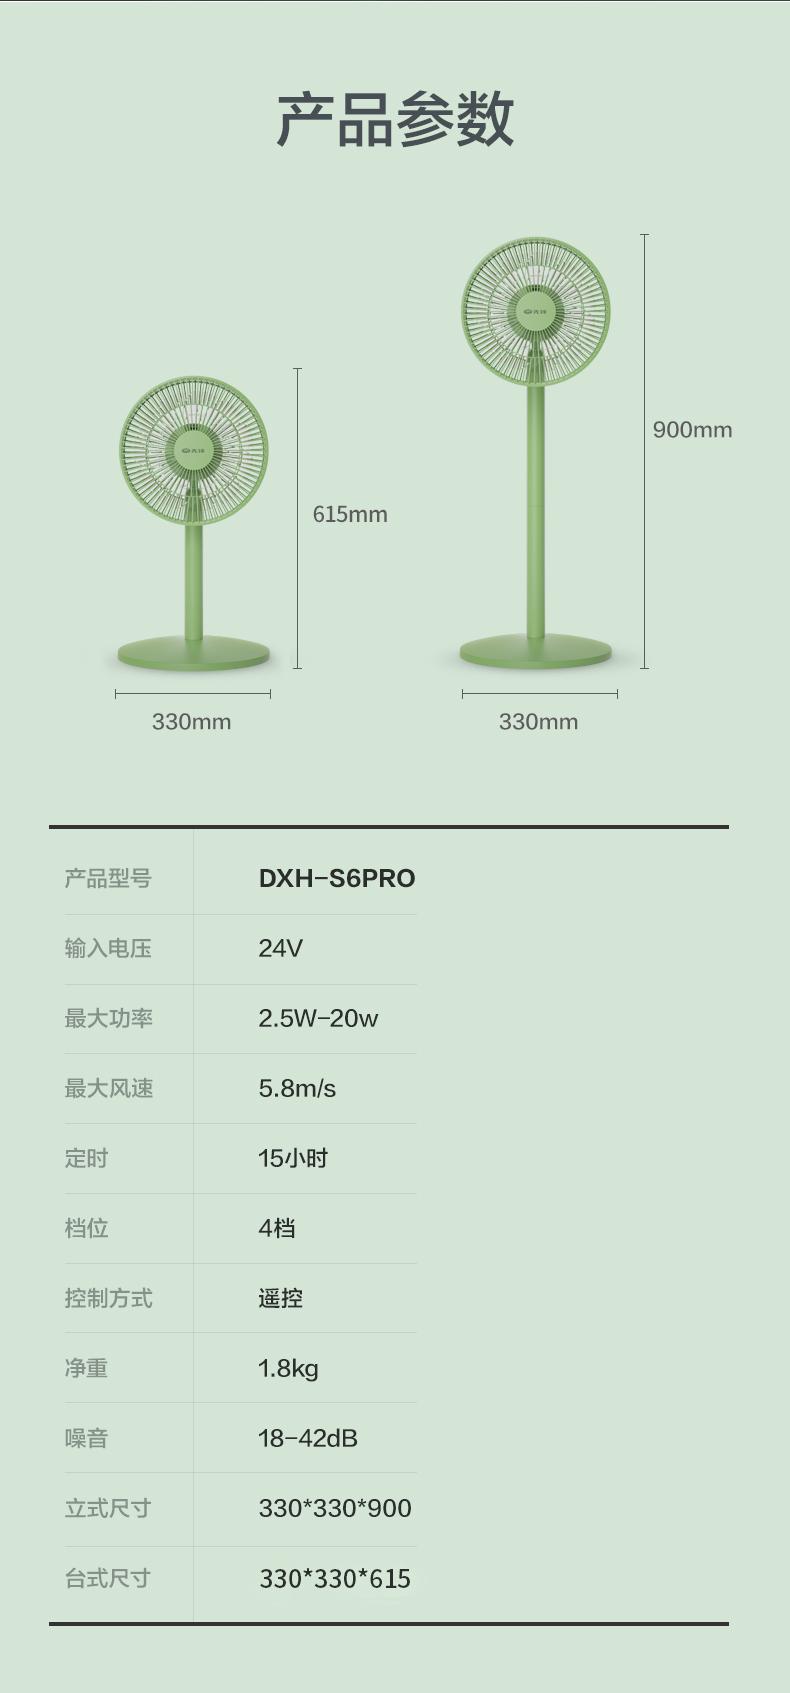 先锋 DXH-S6Pro 18叶蝉翼扇叶 直流变频落地循环扇电风扇 图13